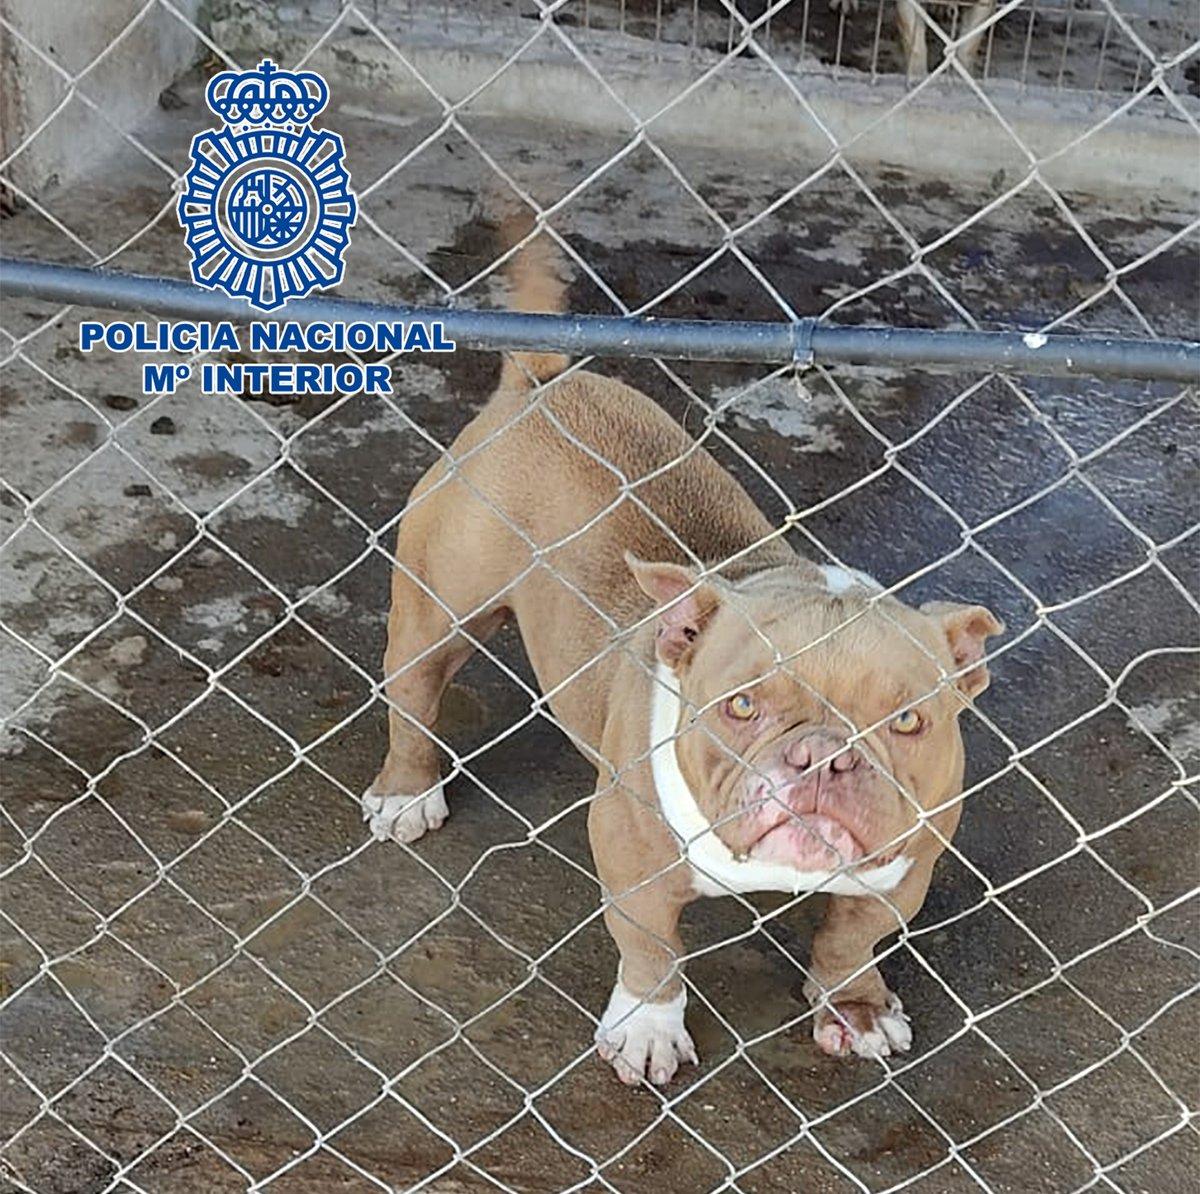 🚩Desmantelado un criadero ilegal en el que rescatamos a 17 cachorros -14 #perros y 3 #gatos-  en pésimas condiciones higiénico sanitarias.  En Don Benito (#Badajoz) y #Córdoba    #SomosTuPolicía https://t.co/mUIGxg7NvQ